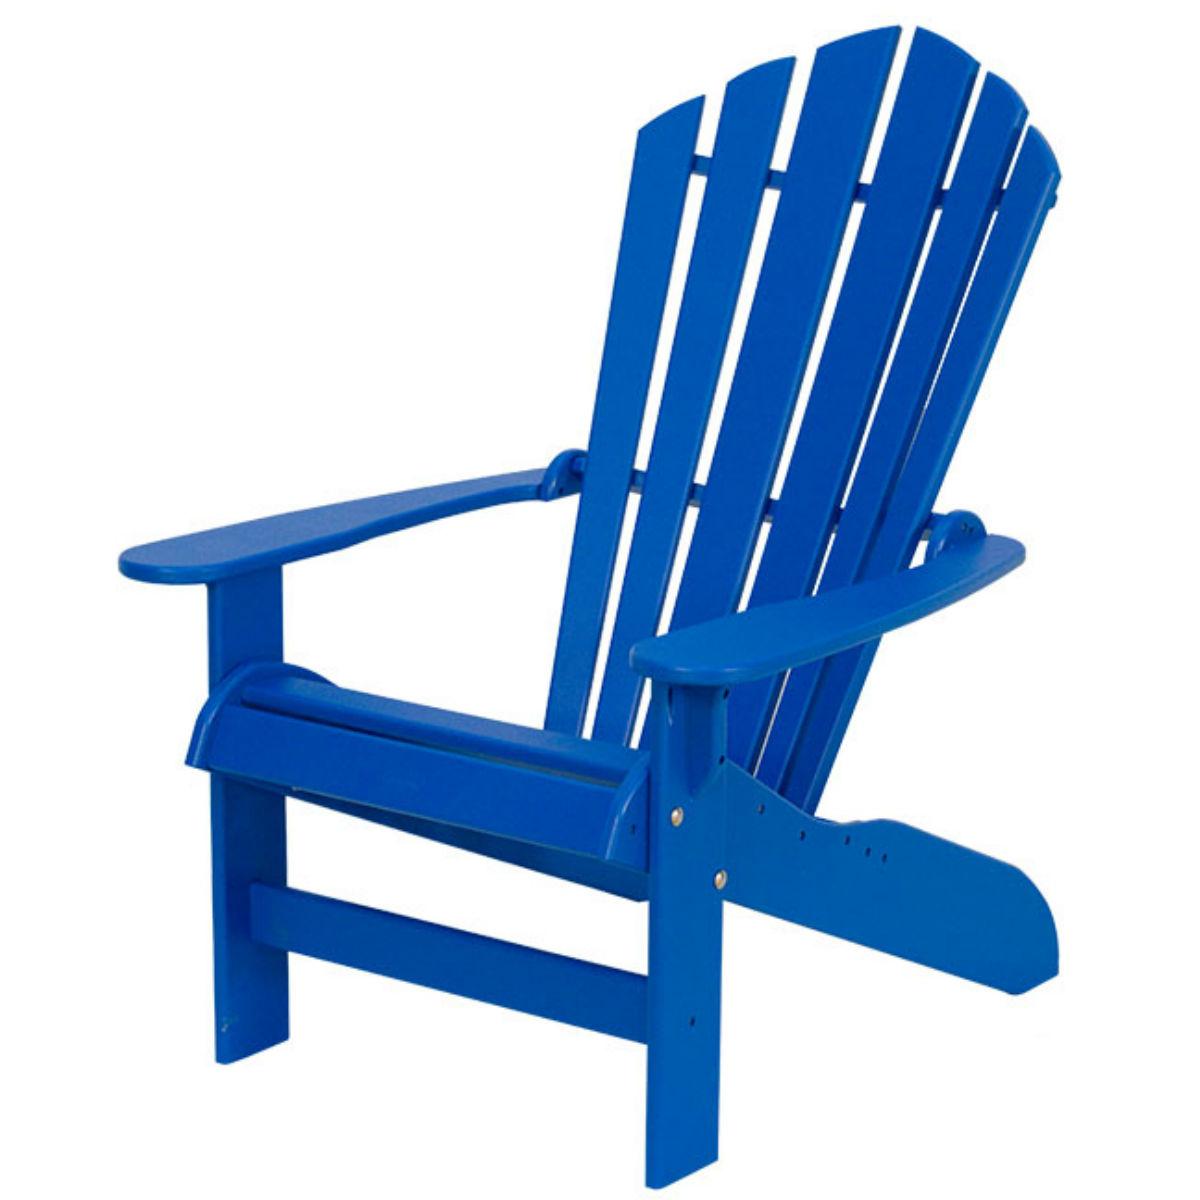 Pondside Muskoka Chair Recycled Patio